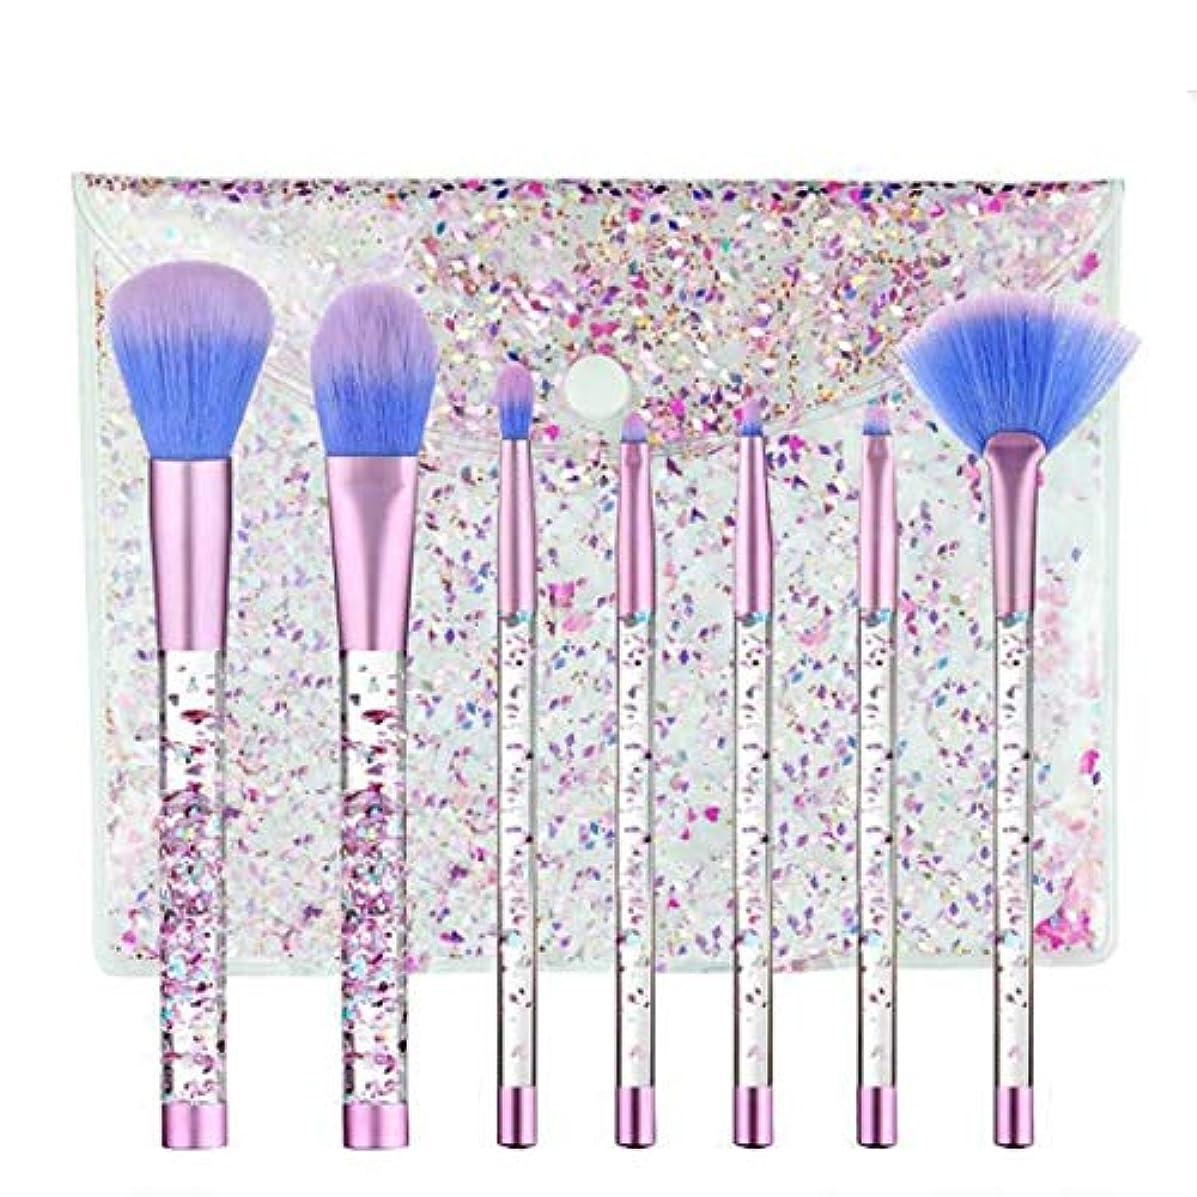 会計アナログ冒険Makeup brushes アクリルハンドル、ナイロンヘア、クリスタルポーチ、7パック液晶クリスタル化粧ブラシセット流砂グリッター化粧ブラシセット suits (Color : Blue Purple)